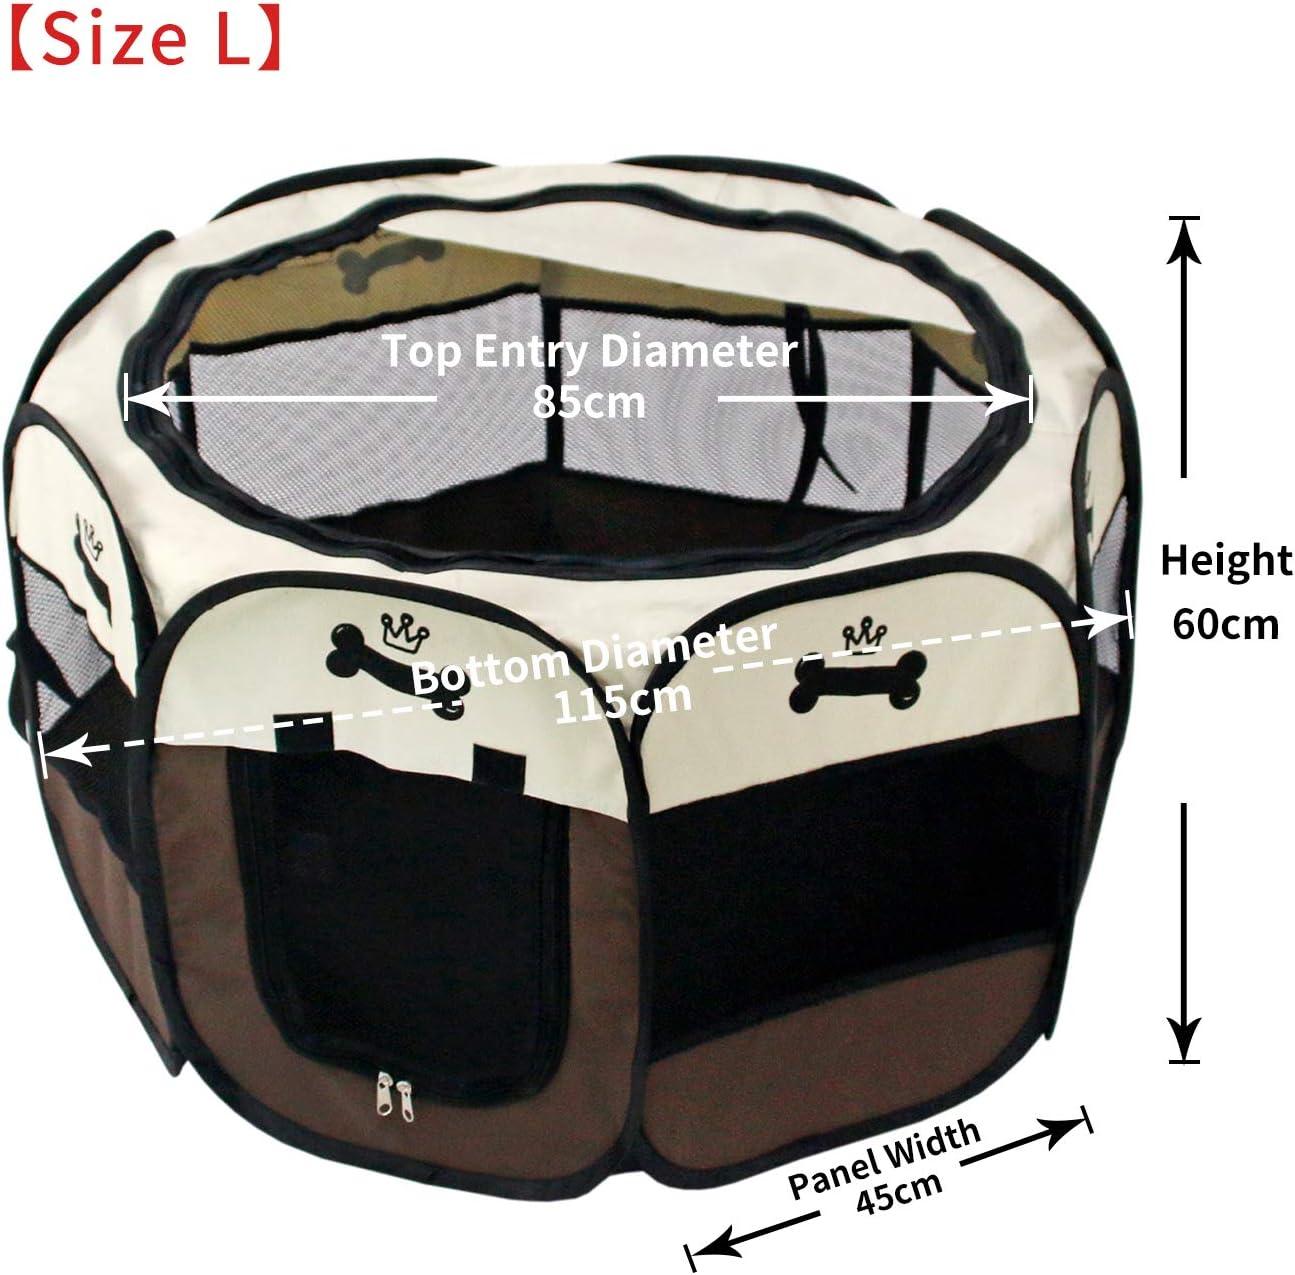 Perro//Gato//Conejo YOOBE Pet Portable Plegable Plegable Valla de Transporte y Recipiente de Viaje Plegable Parasol extra/íble Uso Interior//Exterior Medio Impermeable 95 x 95 x 57cm